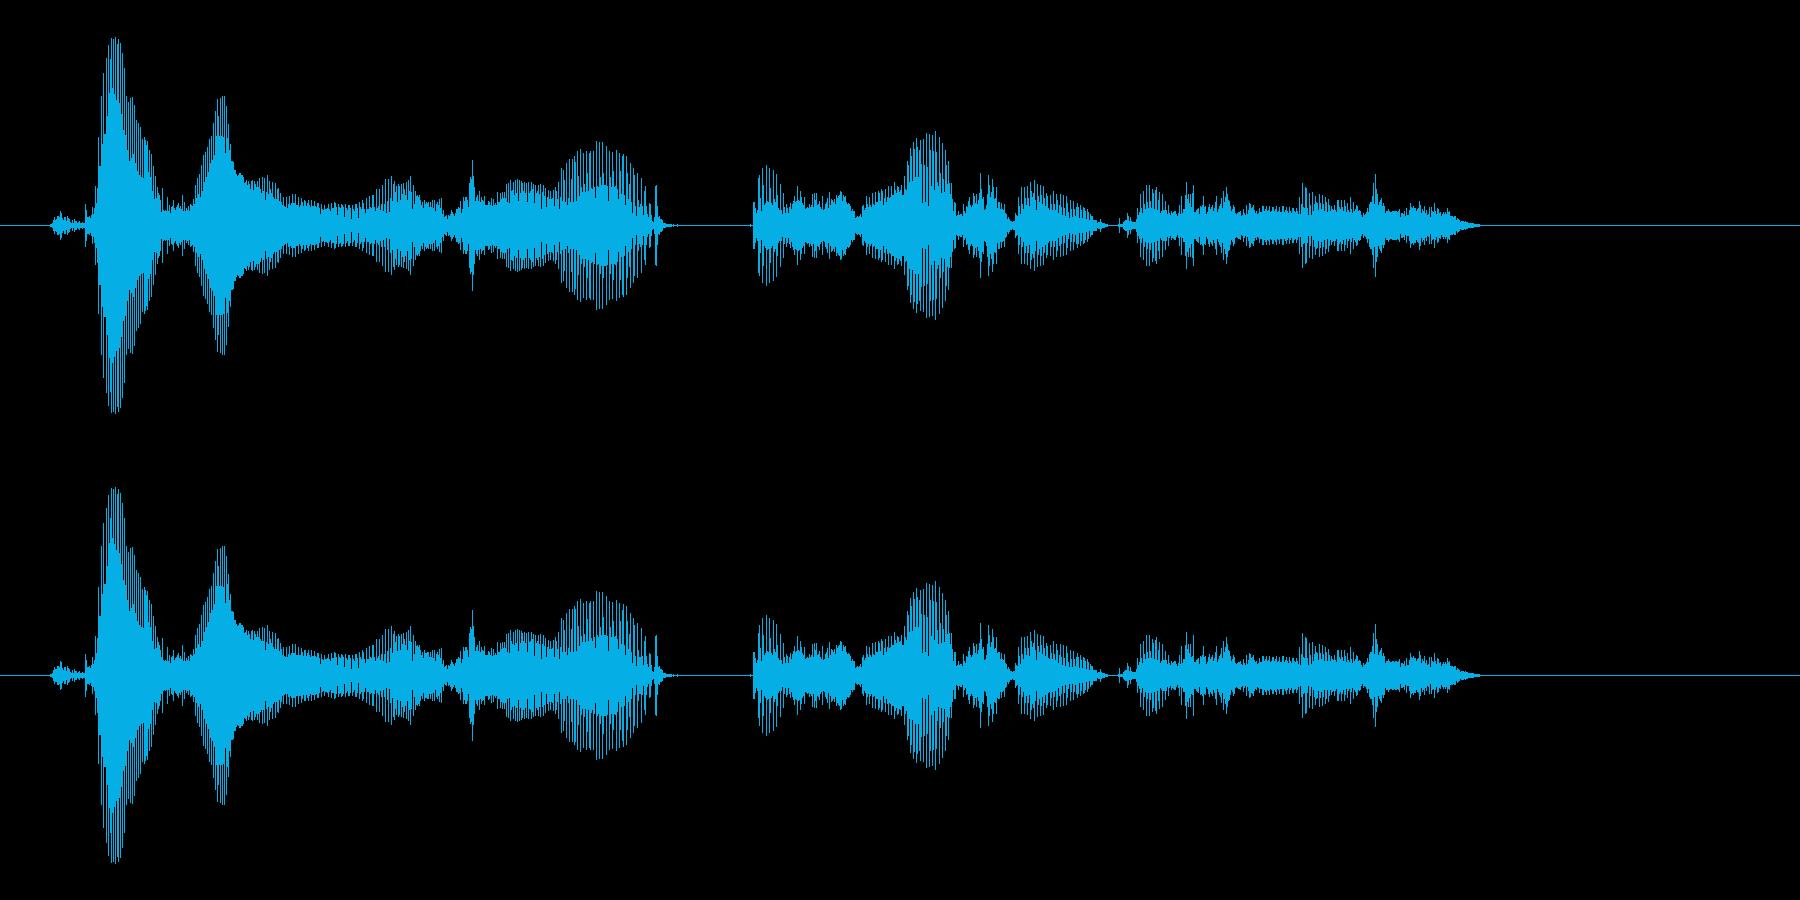 【時報・時間】午前2時を、お知らせいた…の再生済みの波形